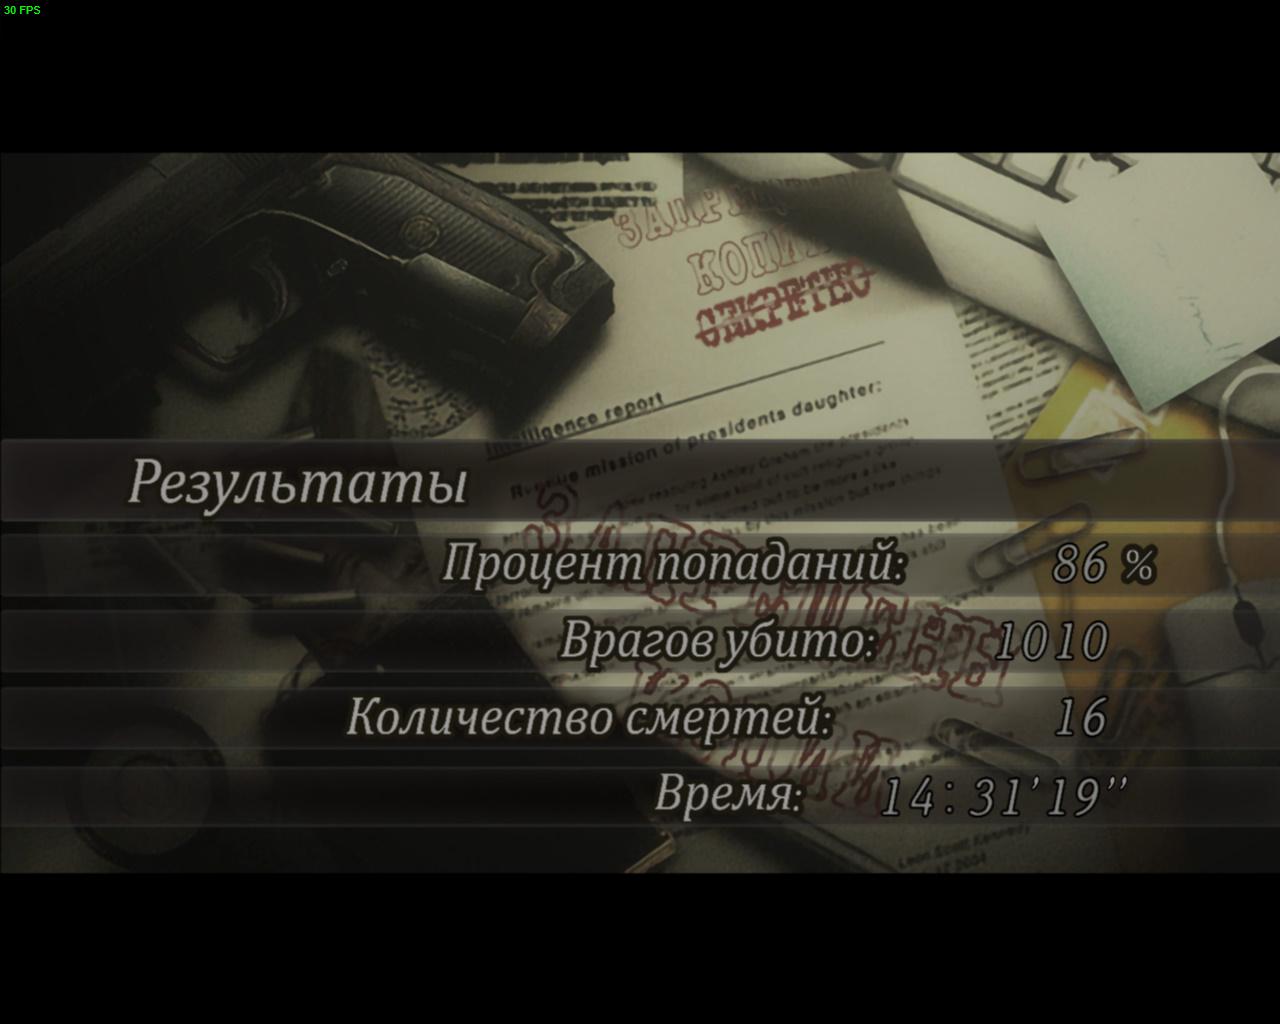 bio4 2016-02-07 00-54-47-765.jpg - Resident Evil 4